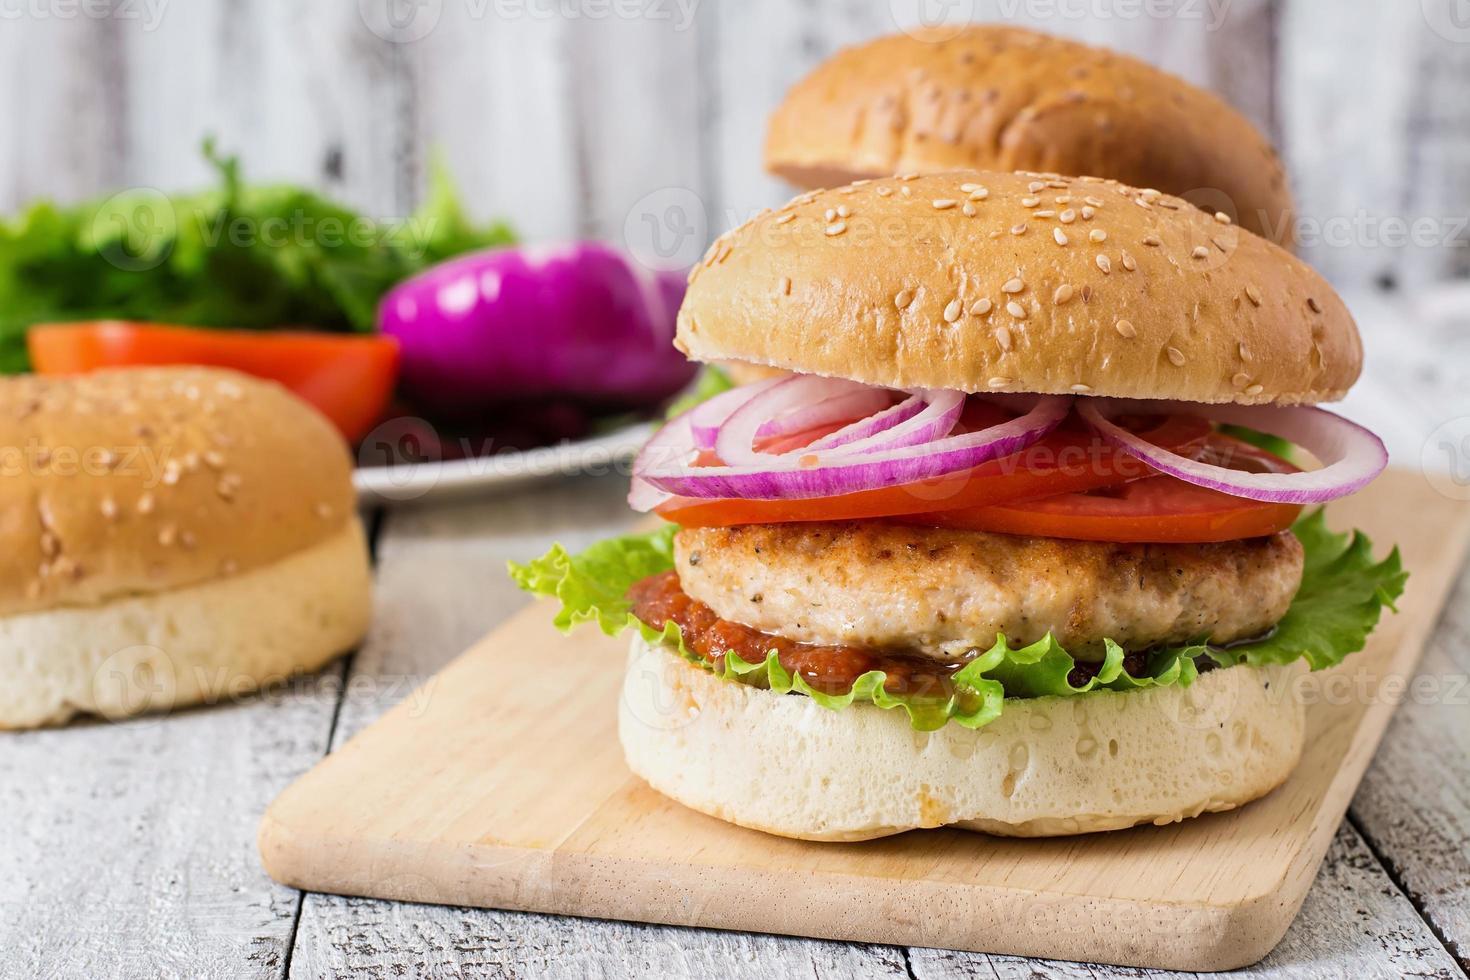 sandwich avec burger au poulet, tomates, oignons rouges et laitue photo